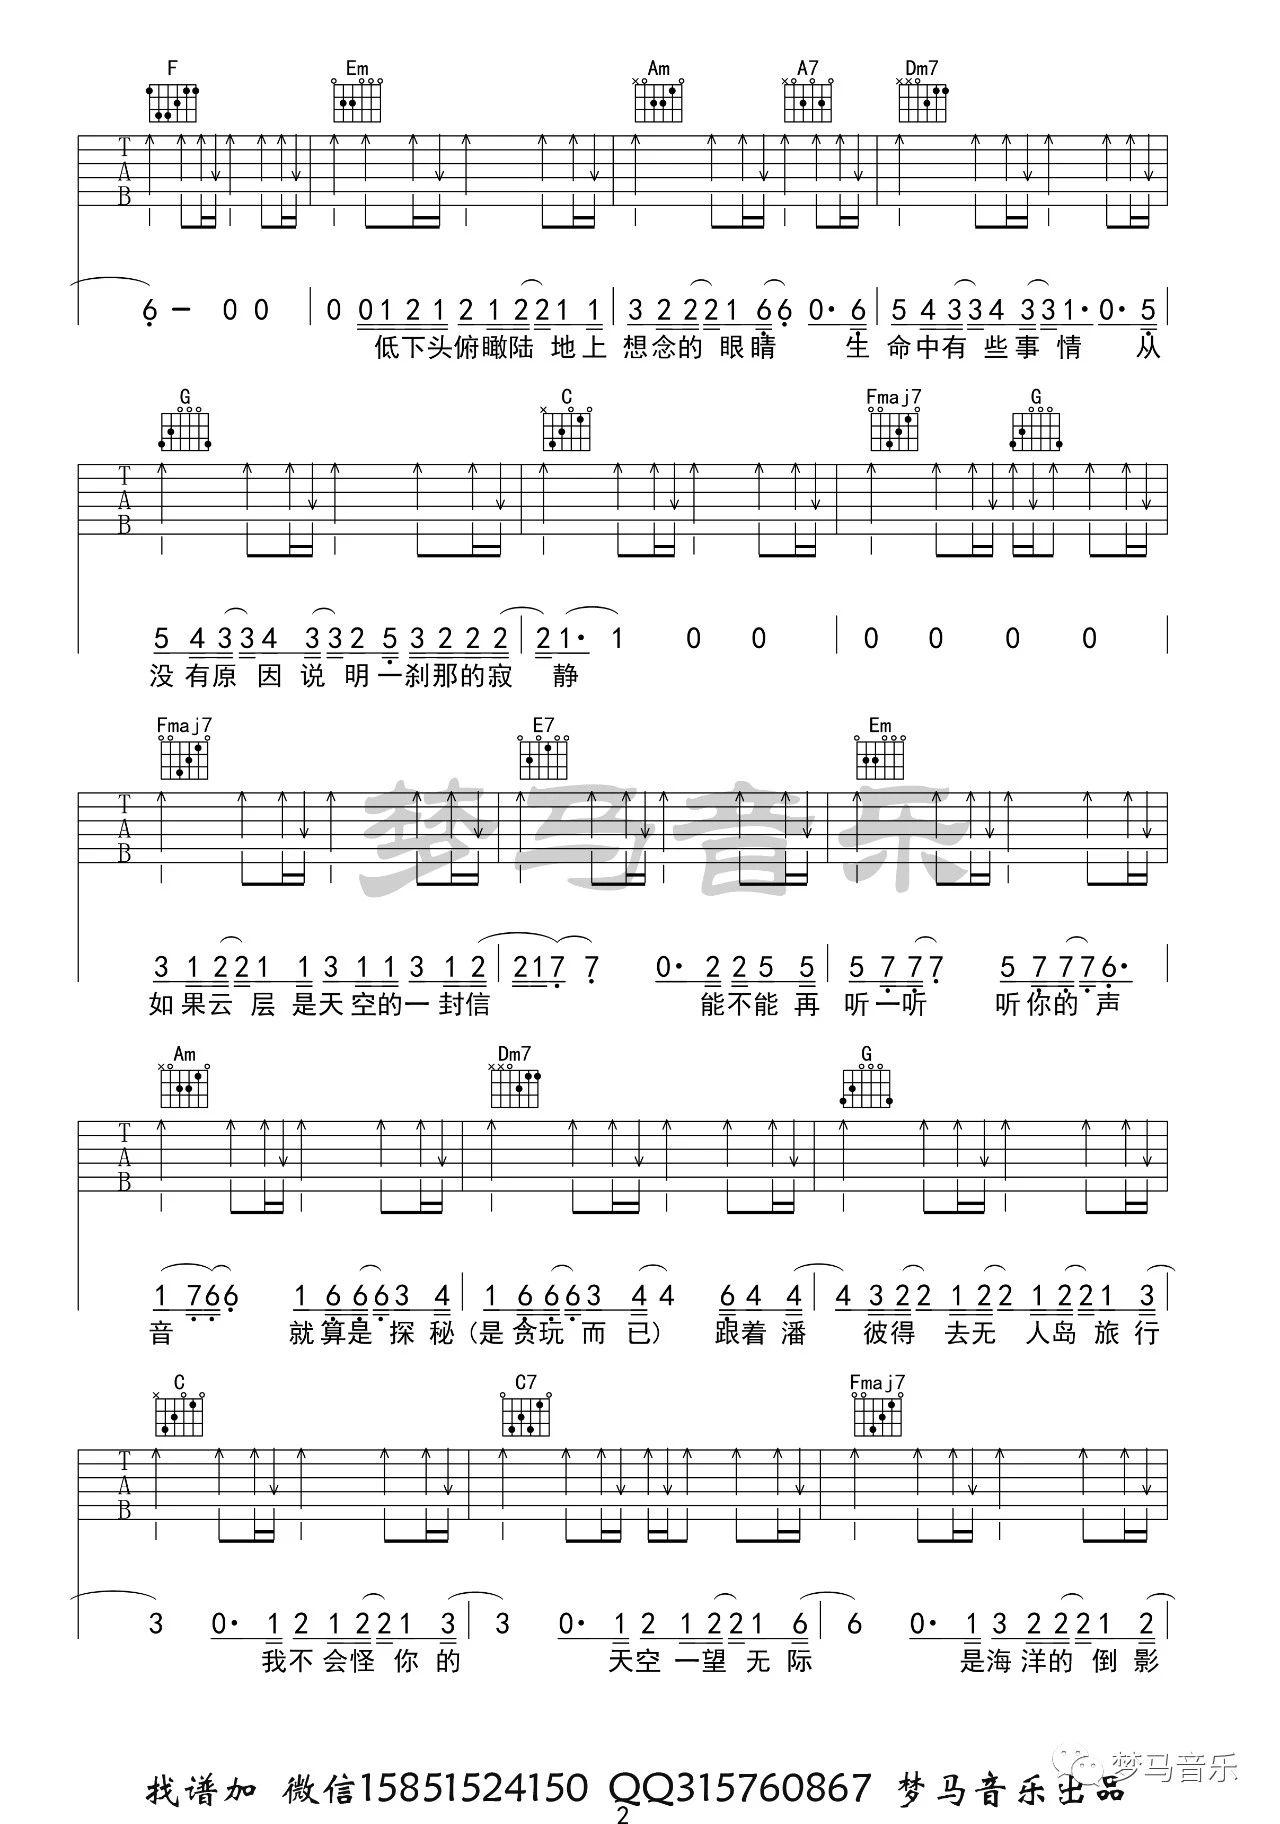 吉他派无人之岛吉他谱-2